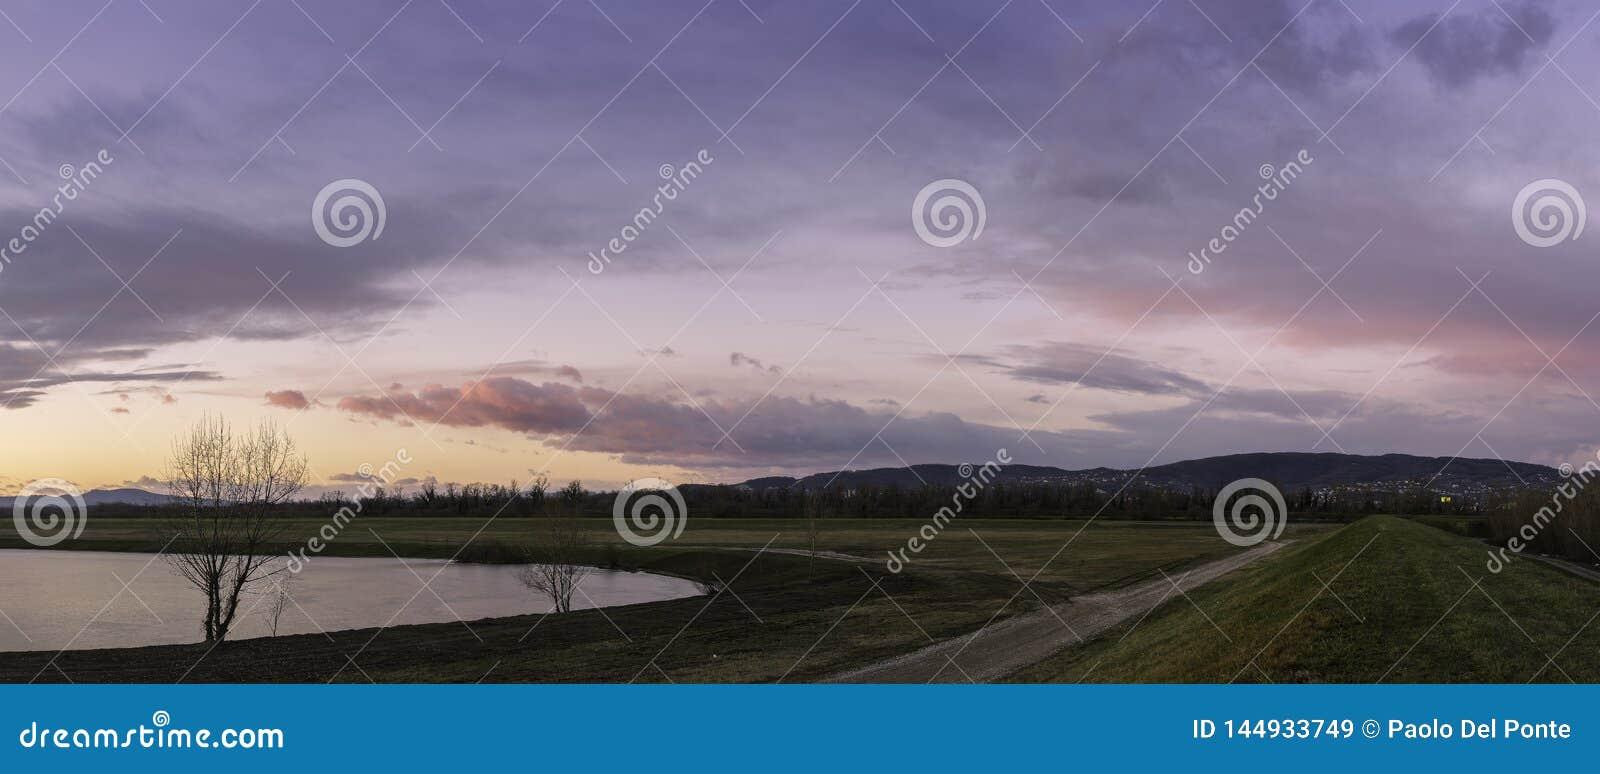 Panorama dalla costa Ovest della città di Zagabria con il lago, gli alberi, il percorso sull argine del fiume Sava ed il cielo v